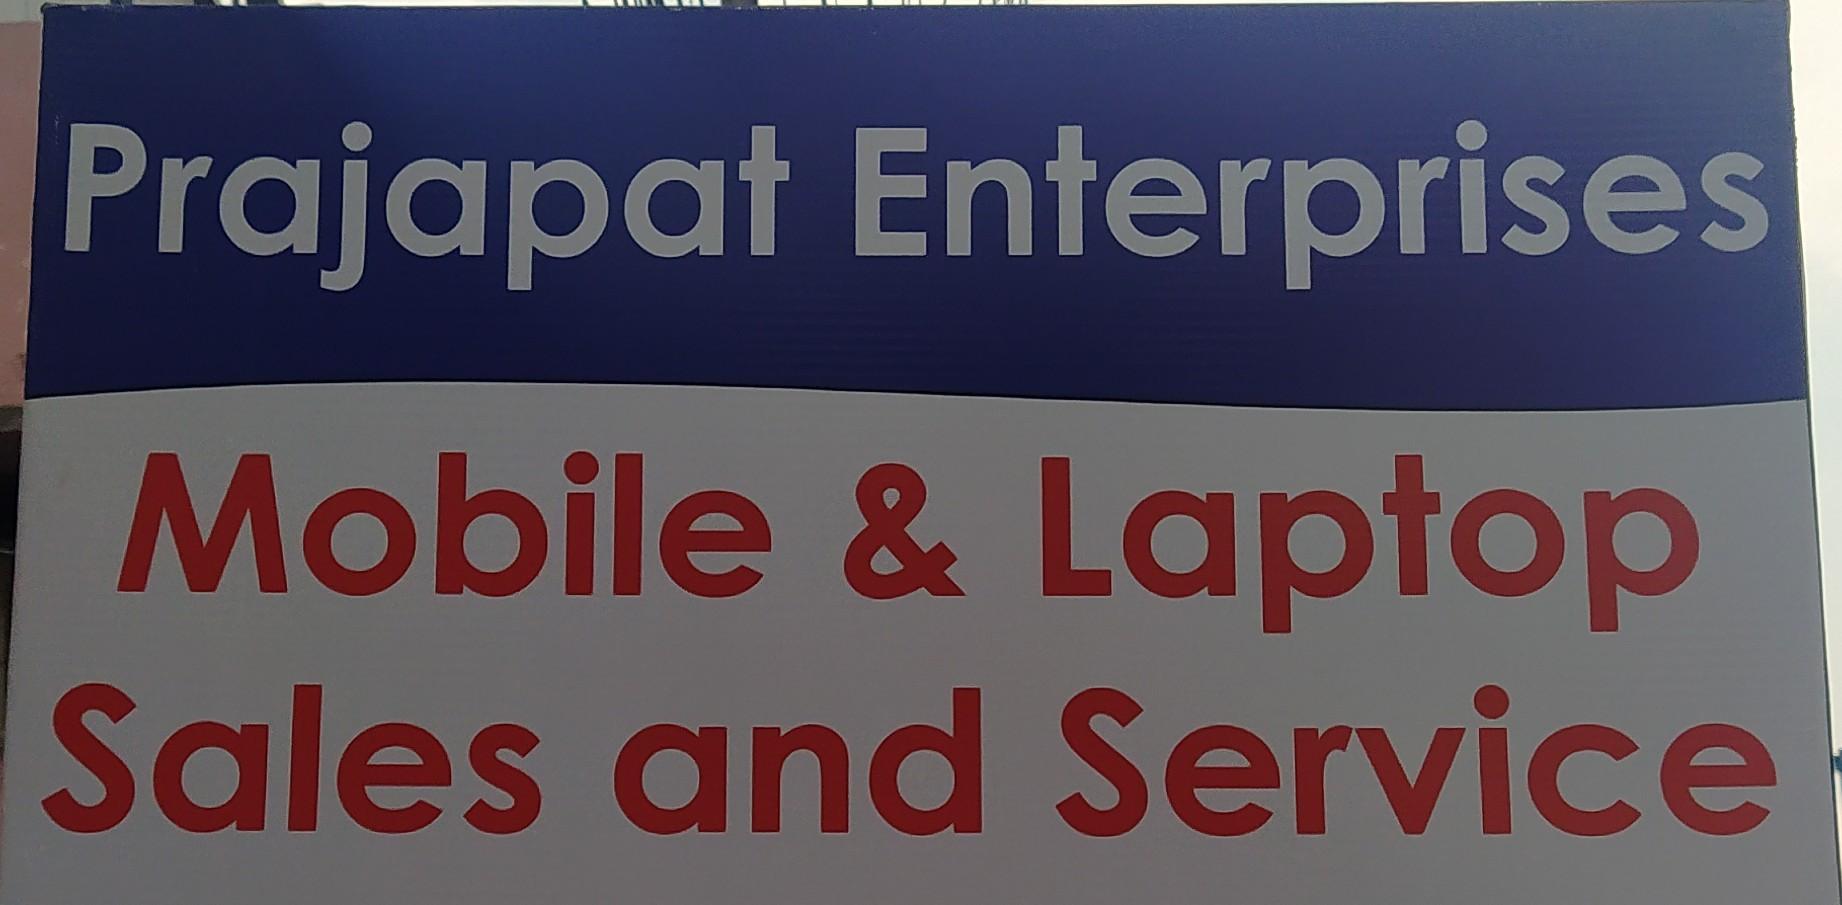 Prajapat enterprises